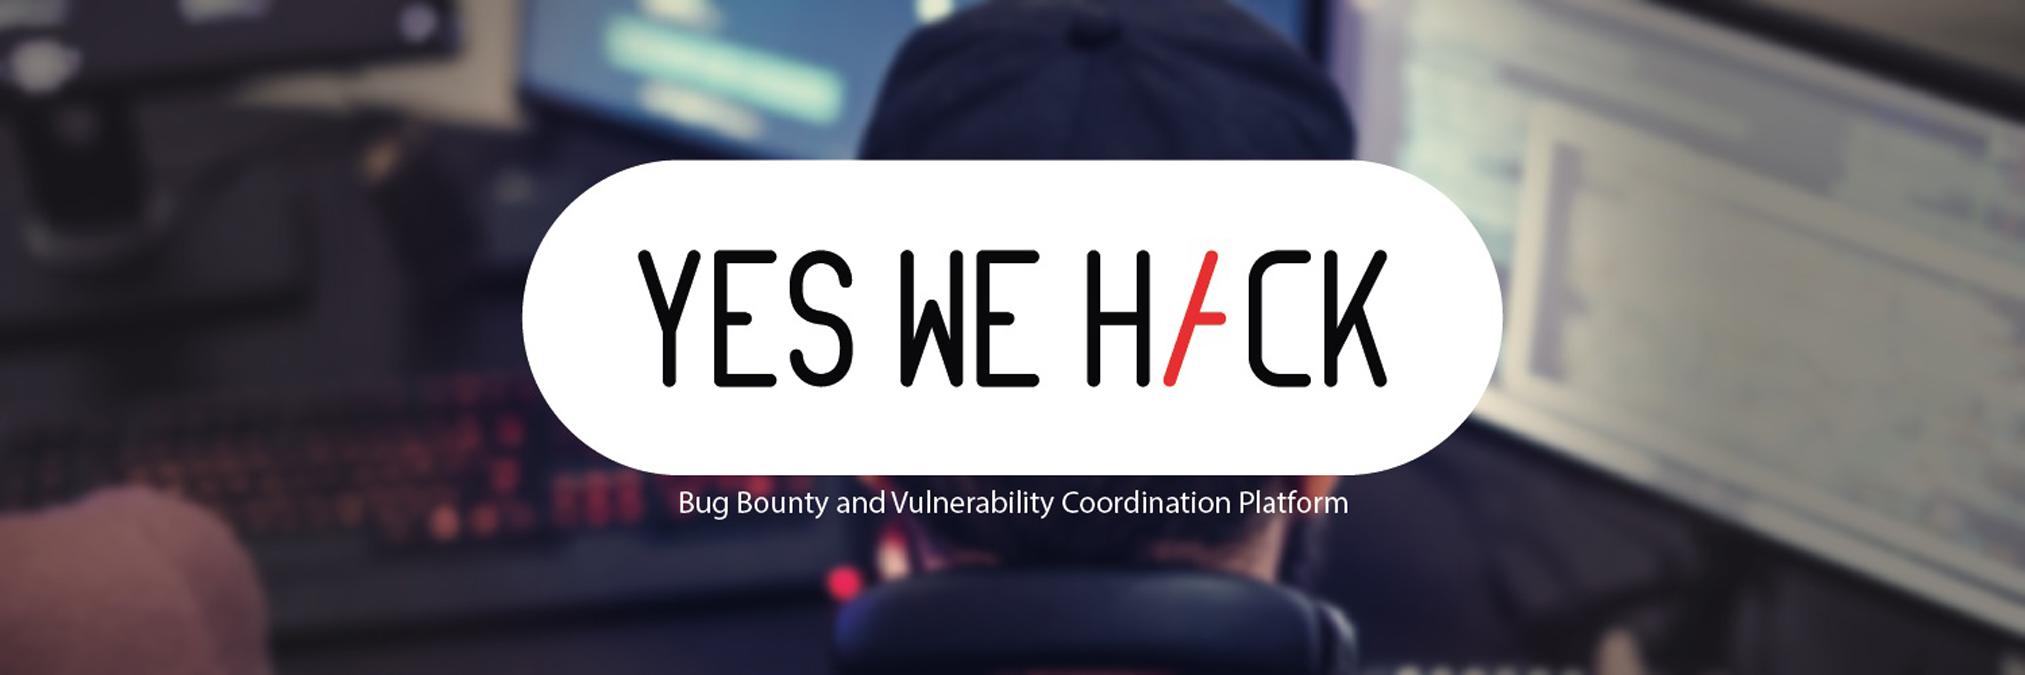 YesWeHack Logo (Copyright YesWeHack)